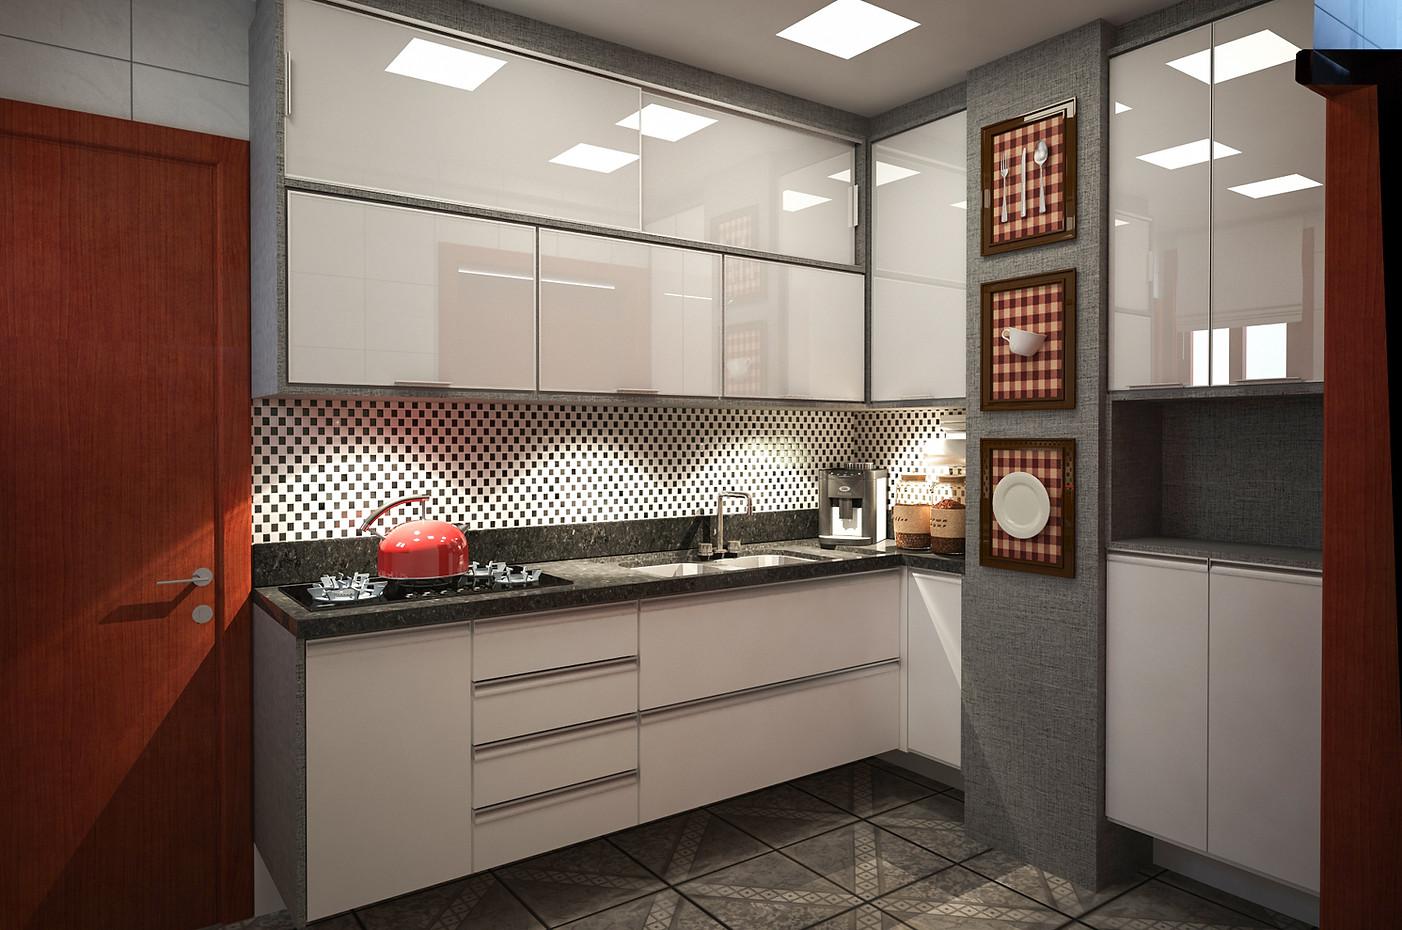 Cozinha_Pequena_móveis_Sob_medida_Design